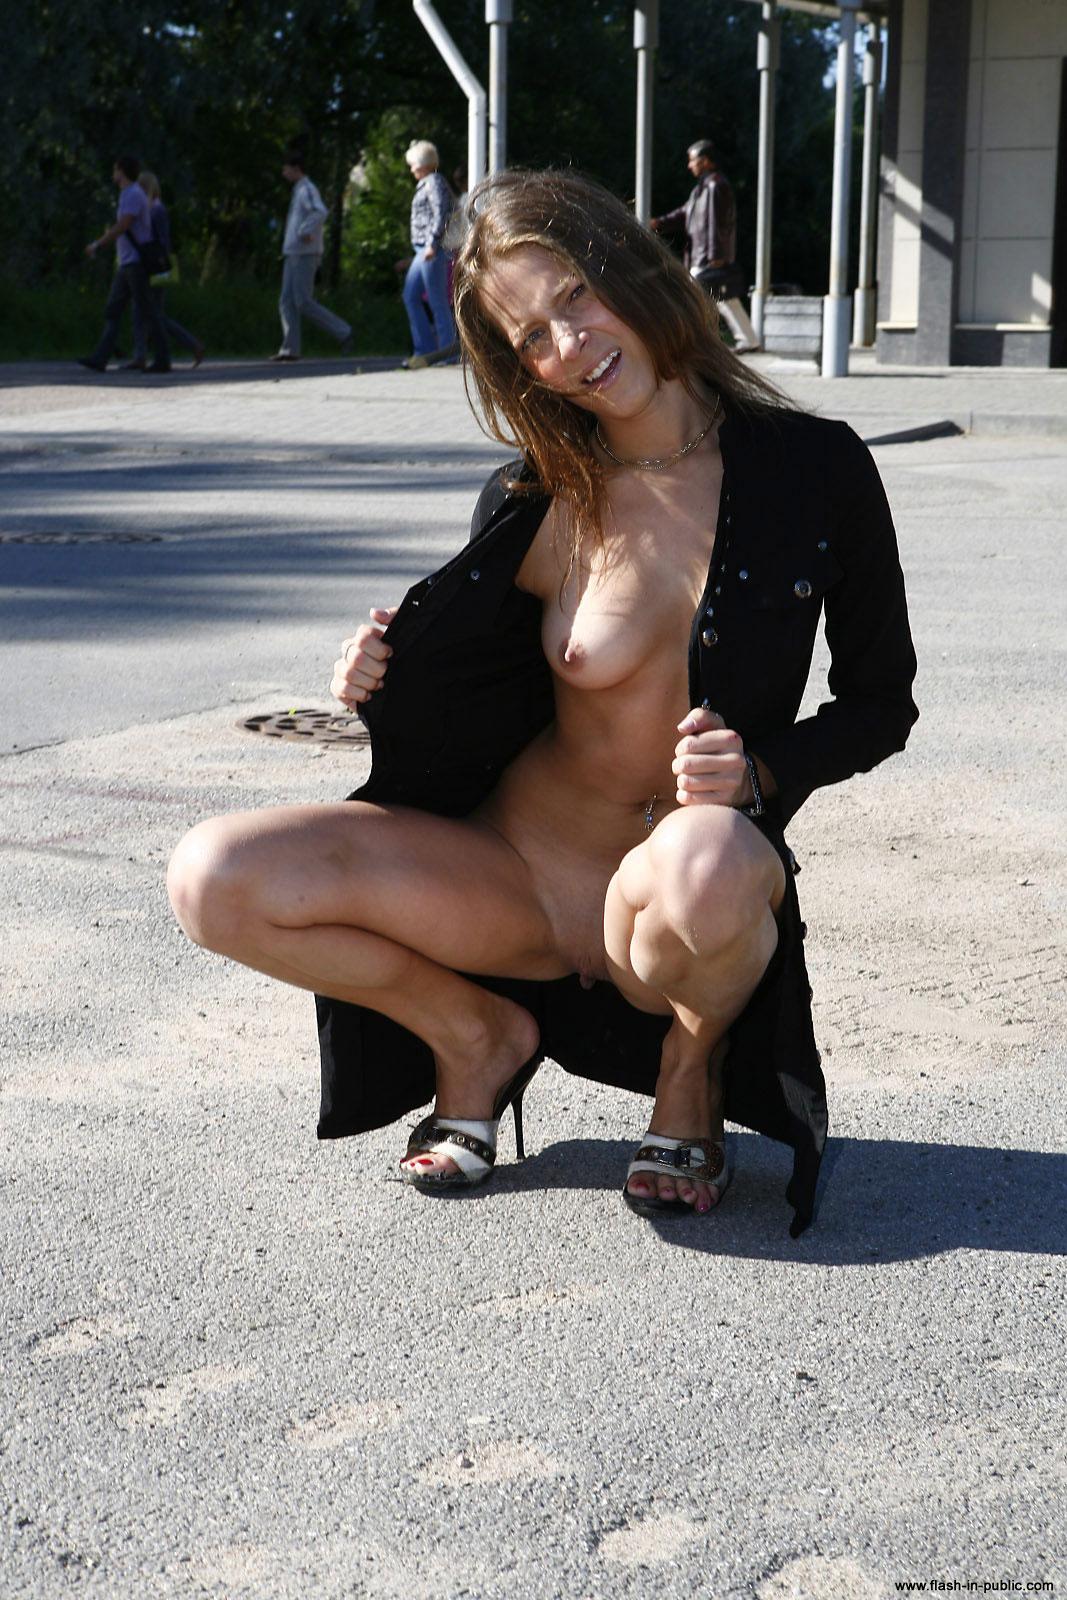 yanina-m-nude-walk-around-the-town-flash-in-public-12